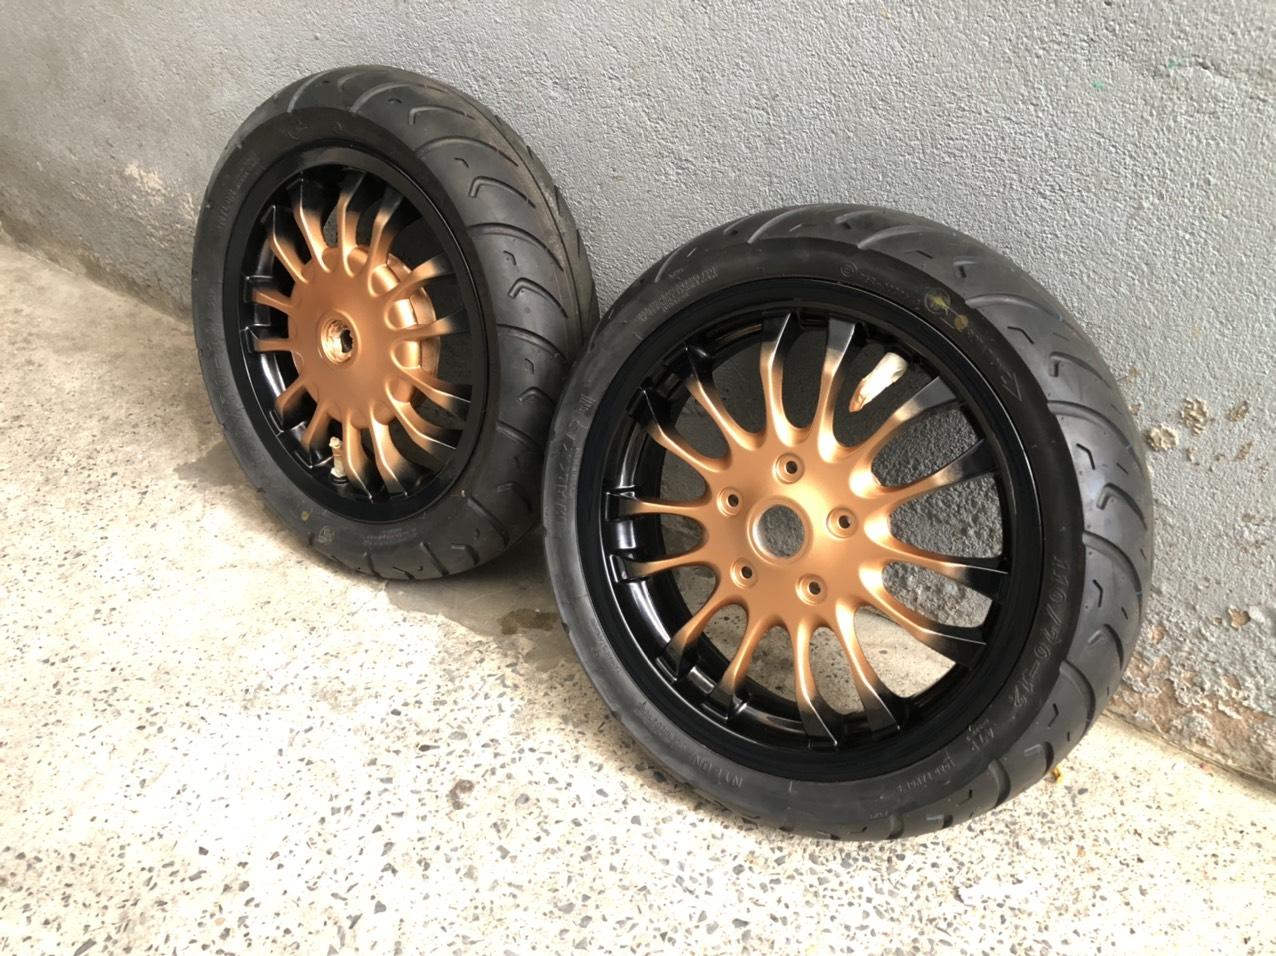 Sơn mâm xe Vario màu đen cam cực đẹp